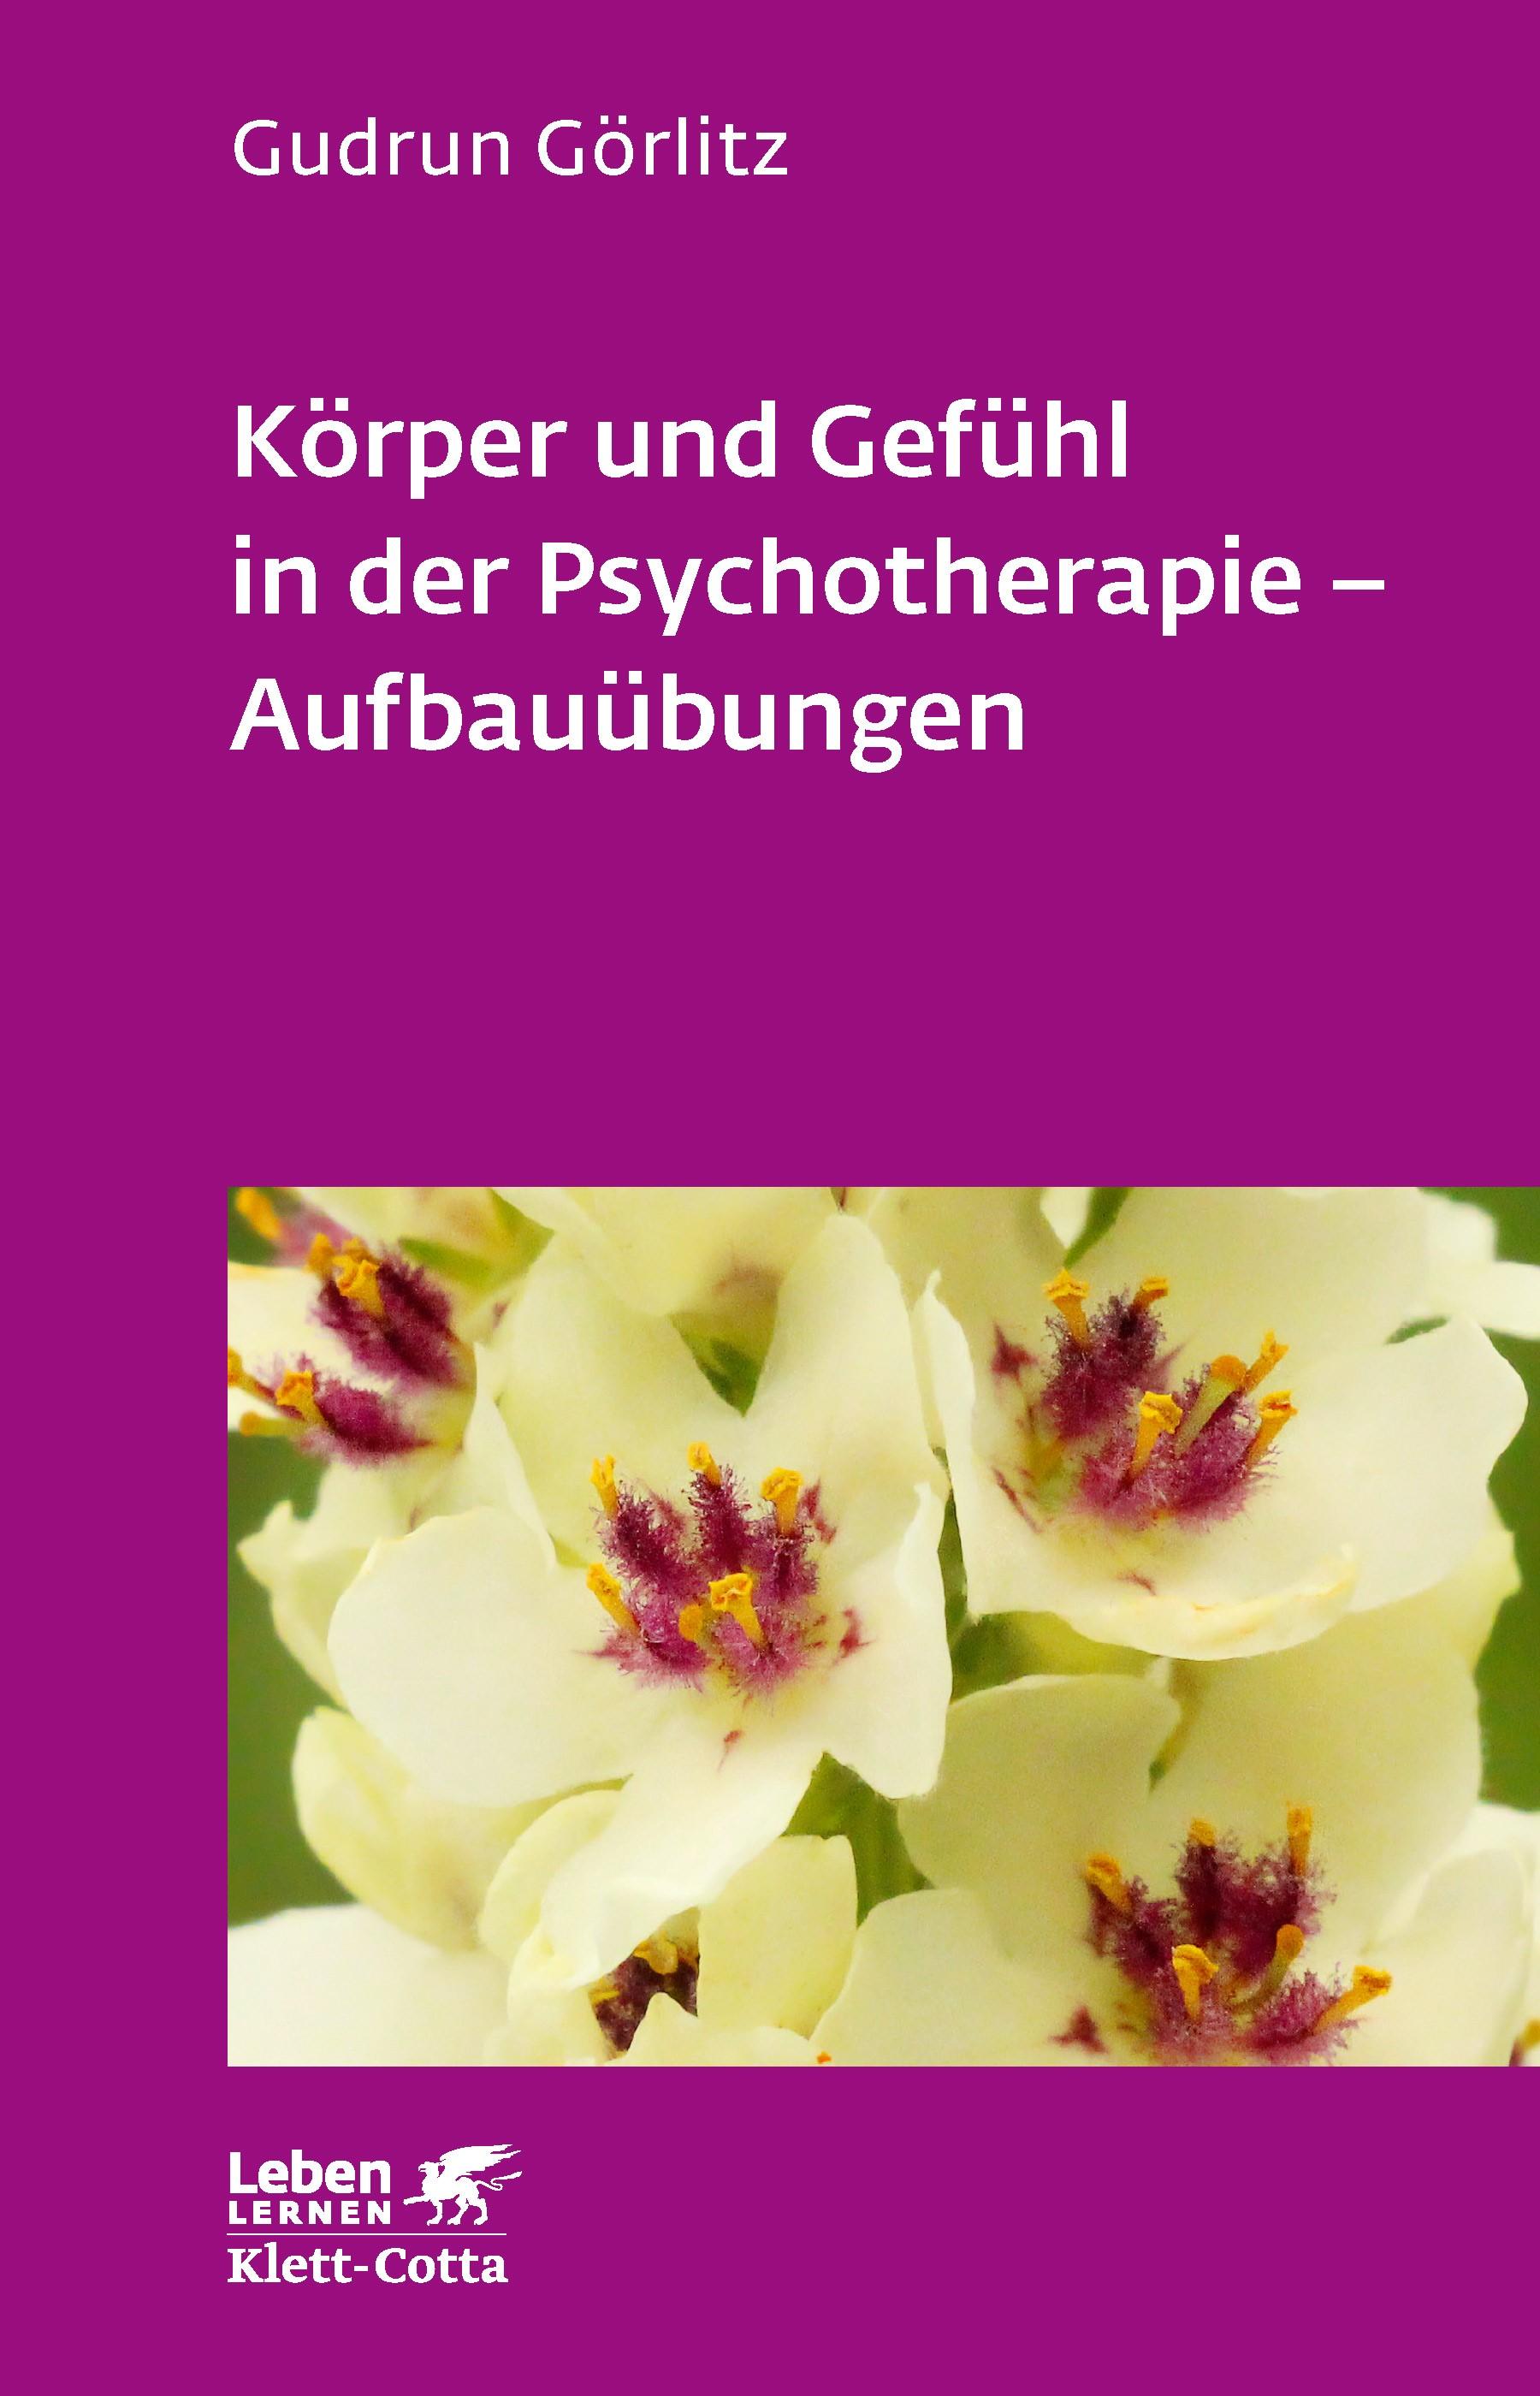 Körper und Gefühl in der Psychotherapie - Aufbauübungen | Görlitz | 4., aktual. Aufl., 2013 | Buch (Cover)